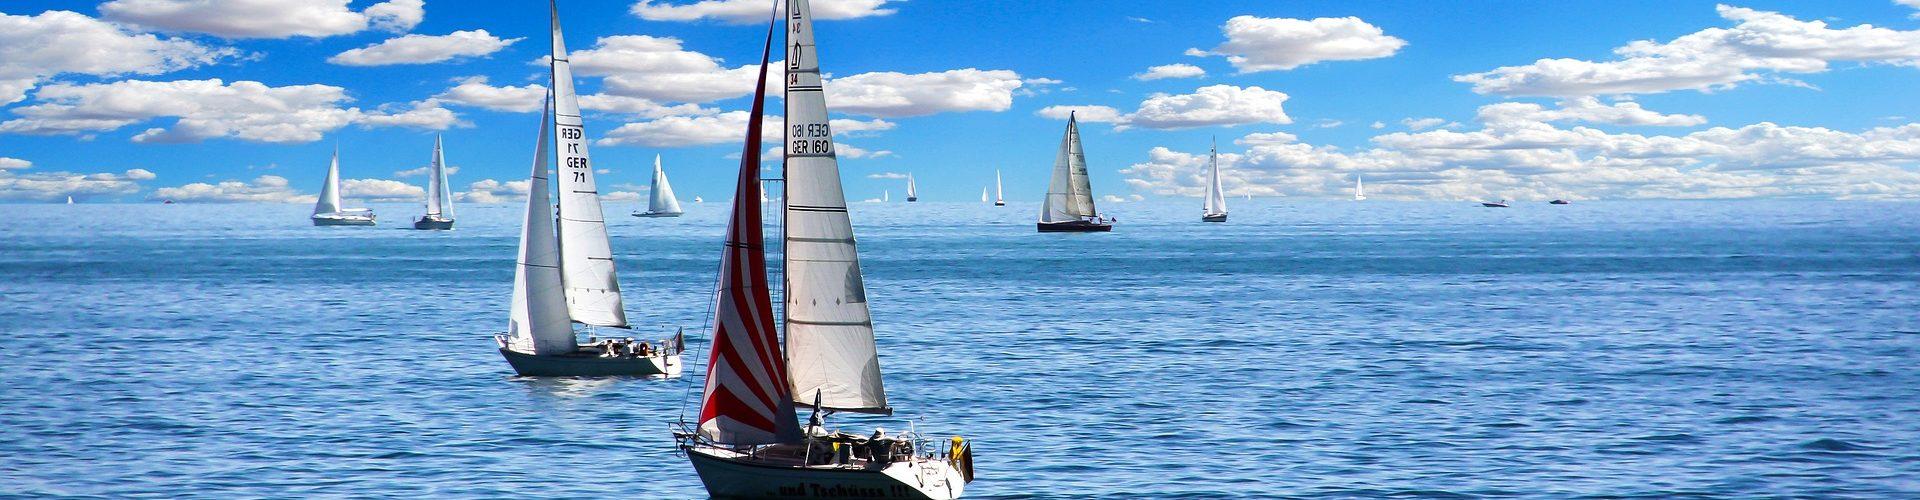 segeln lernen in Bornheim segelschein machen in Bornheim 1920x500 - Segeln lernen in Bornheim